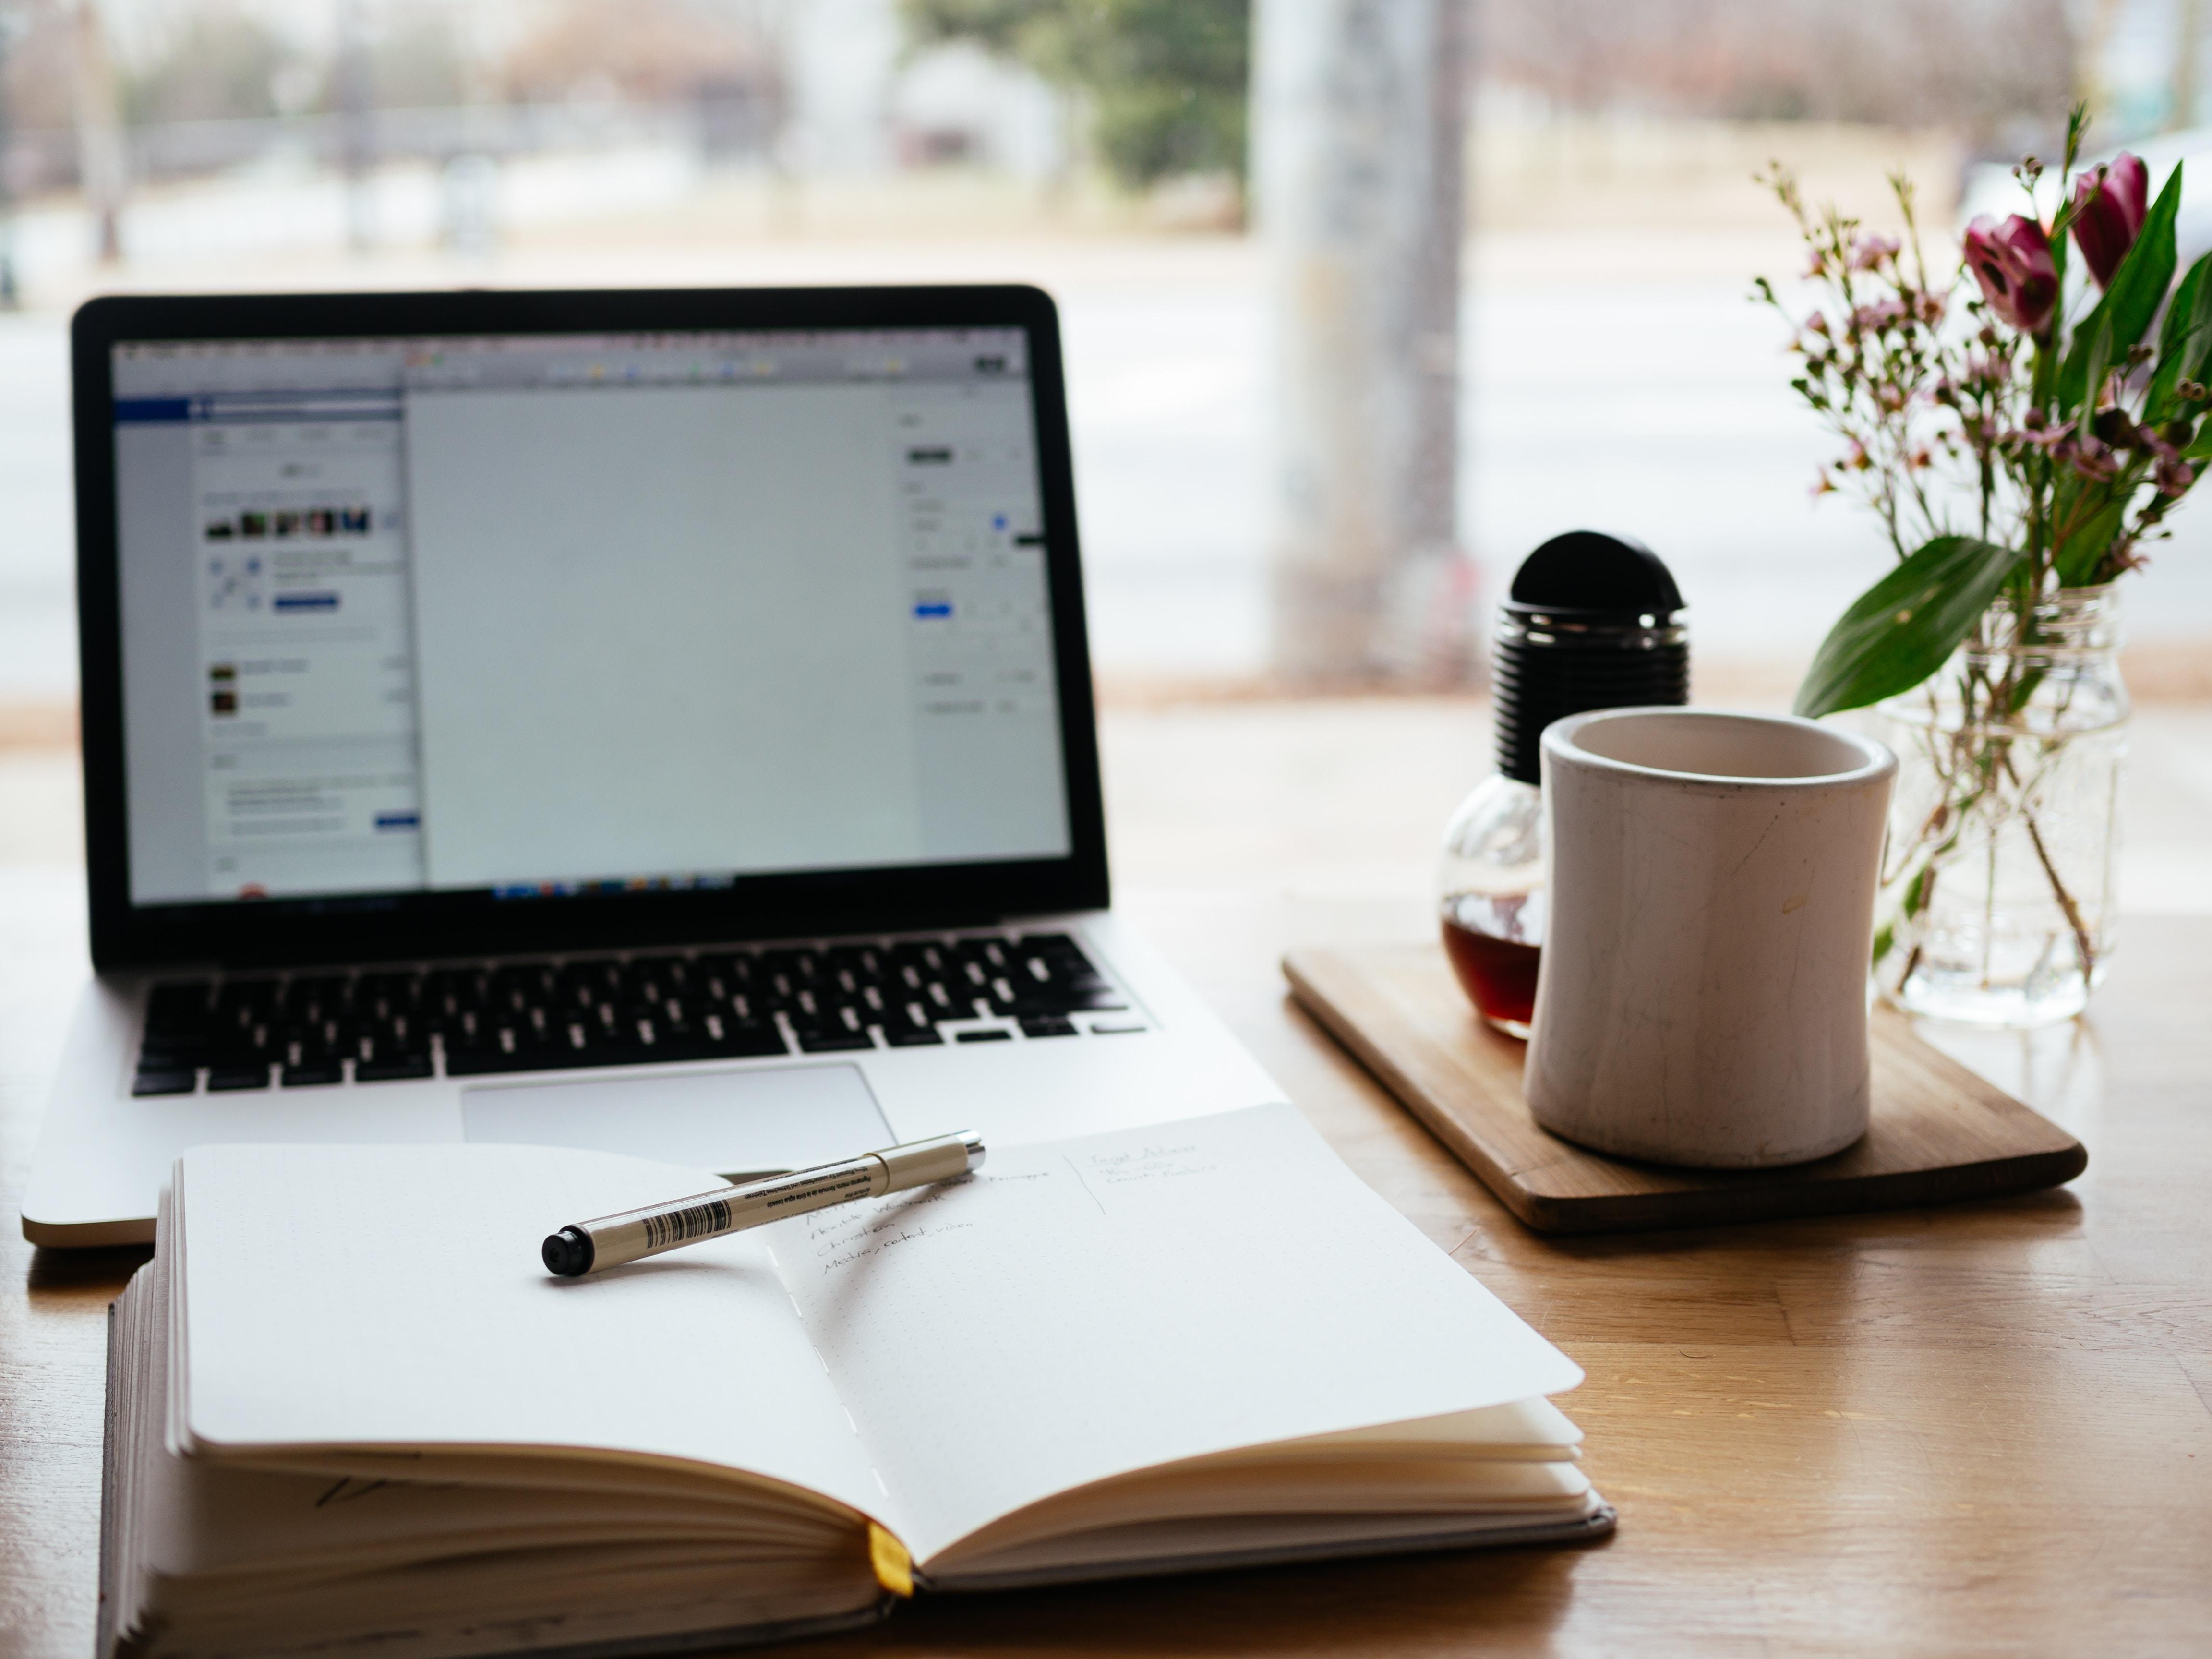 Comment trouver des idées d'article pour votre blog ?